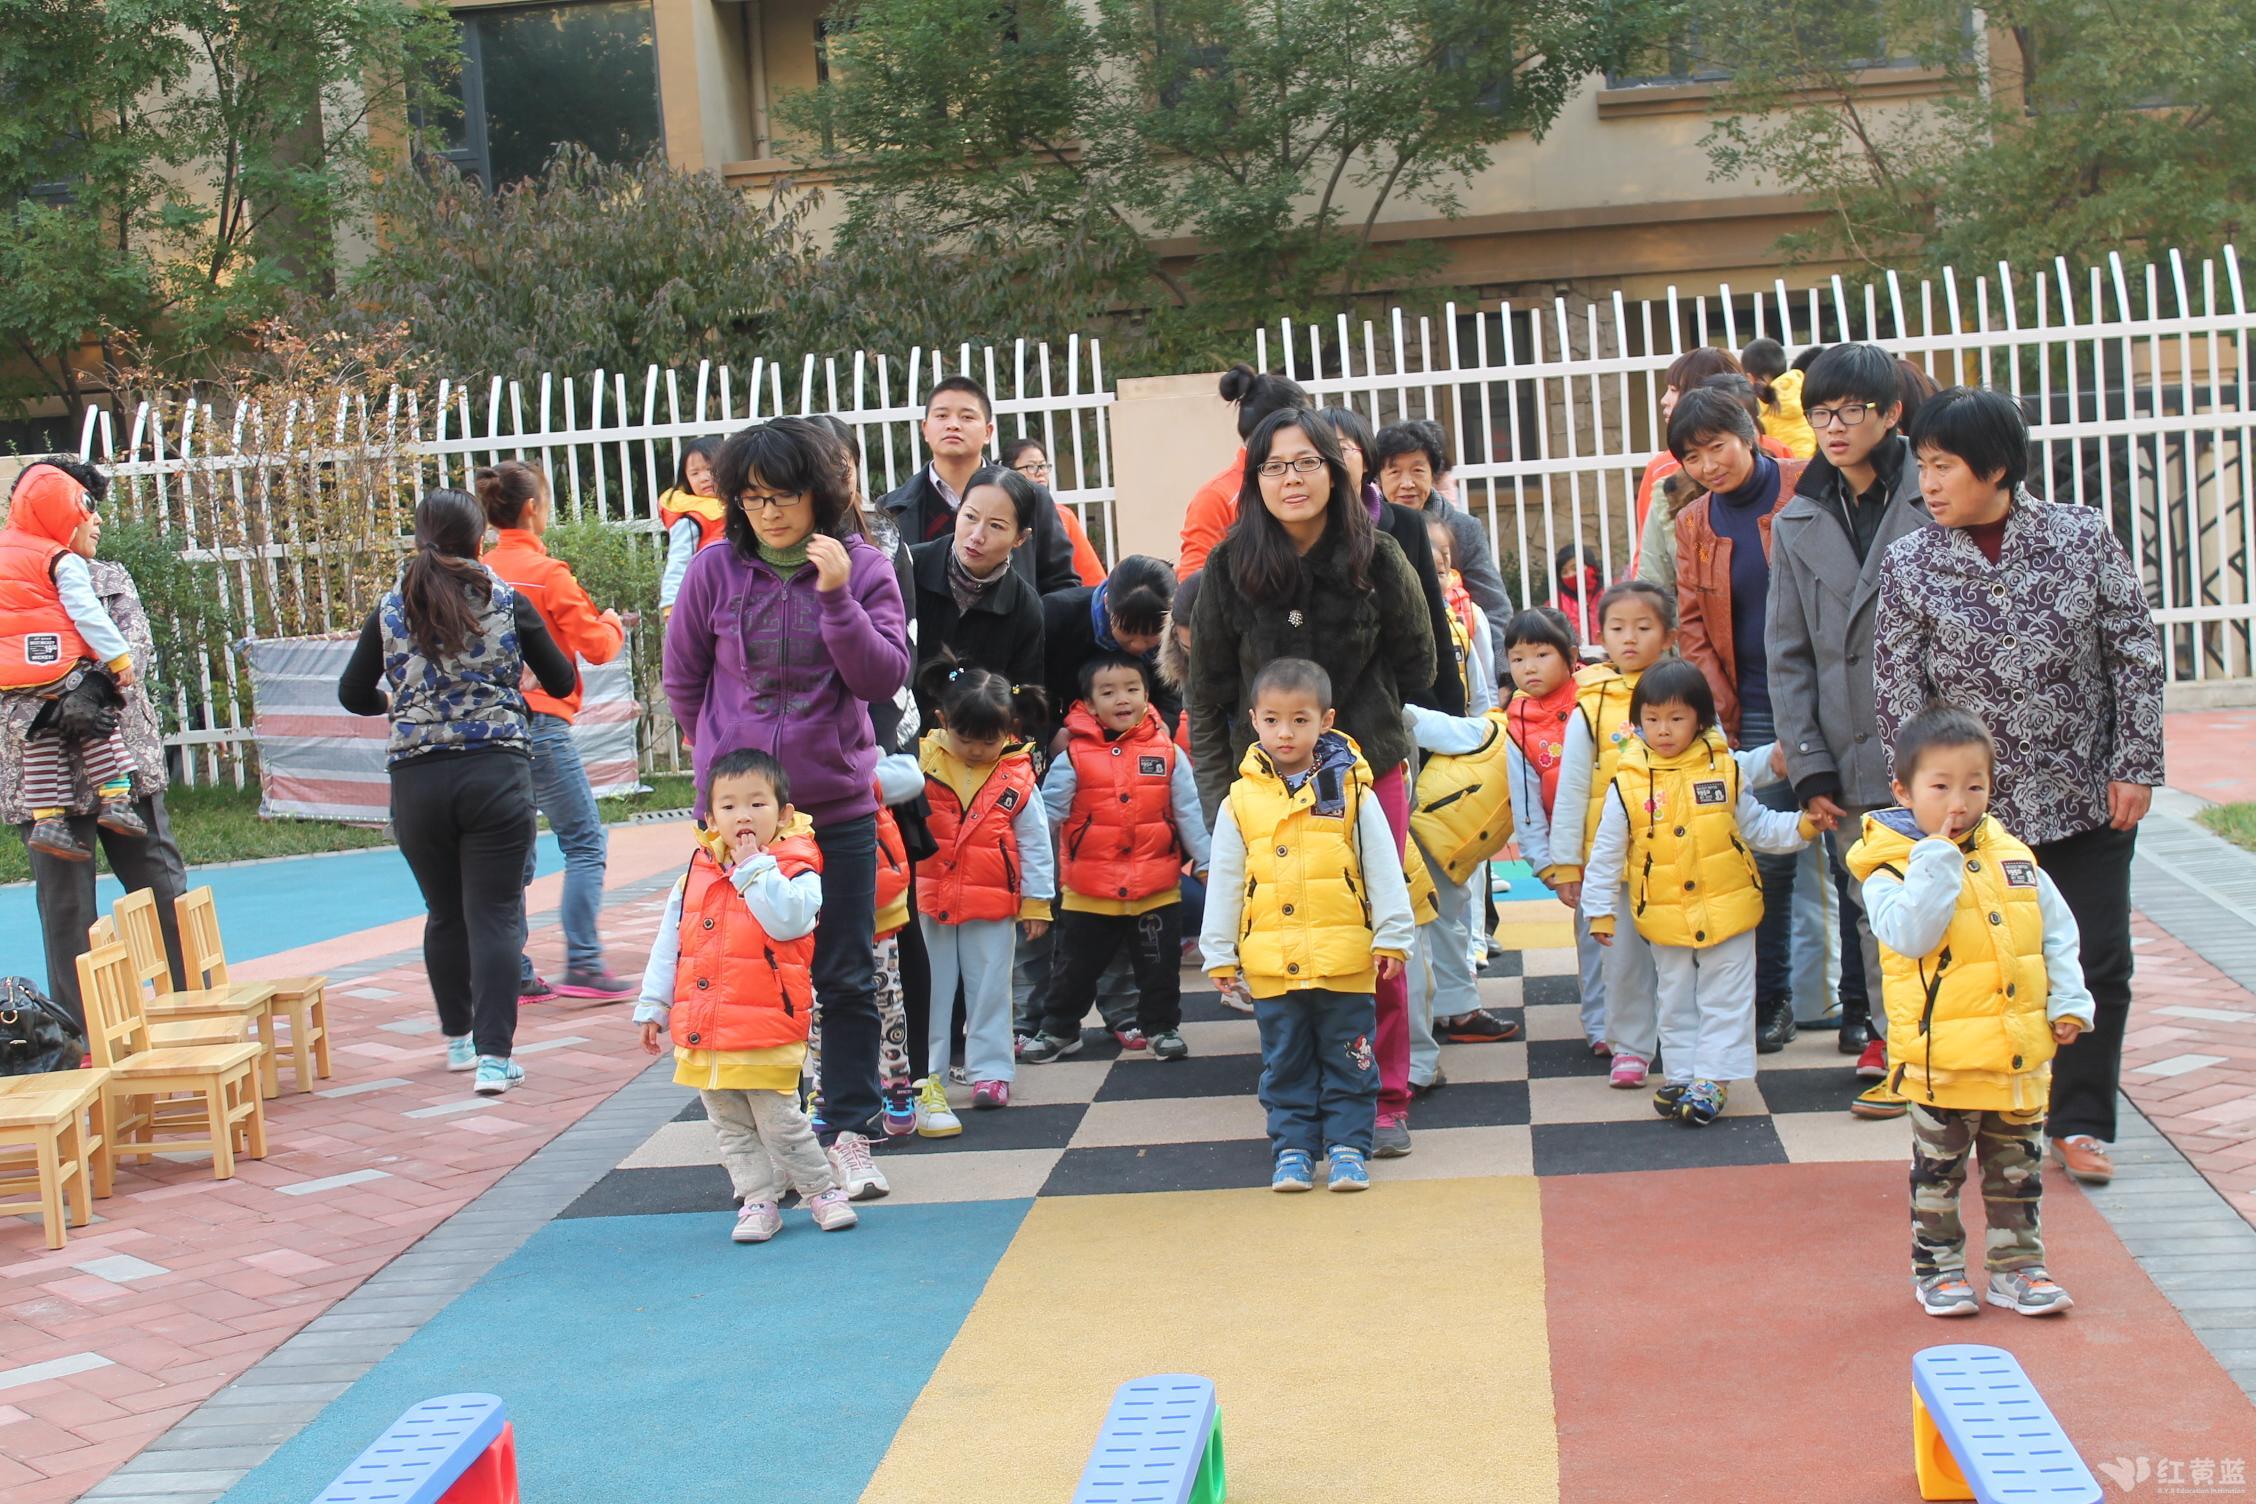 幼儿园冬季运动会 _ 红黄蓝|早教|早教中心